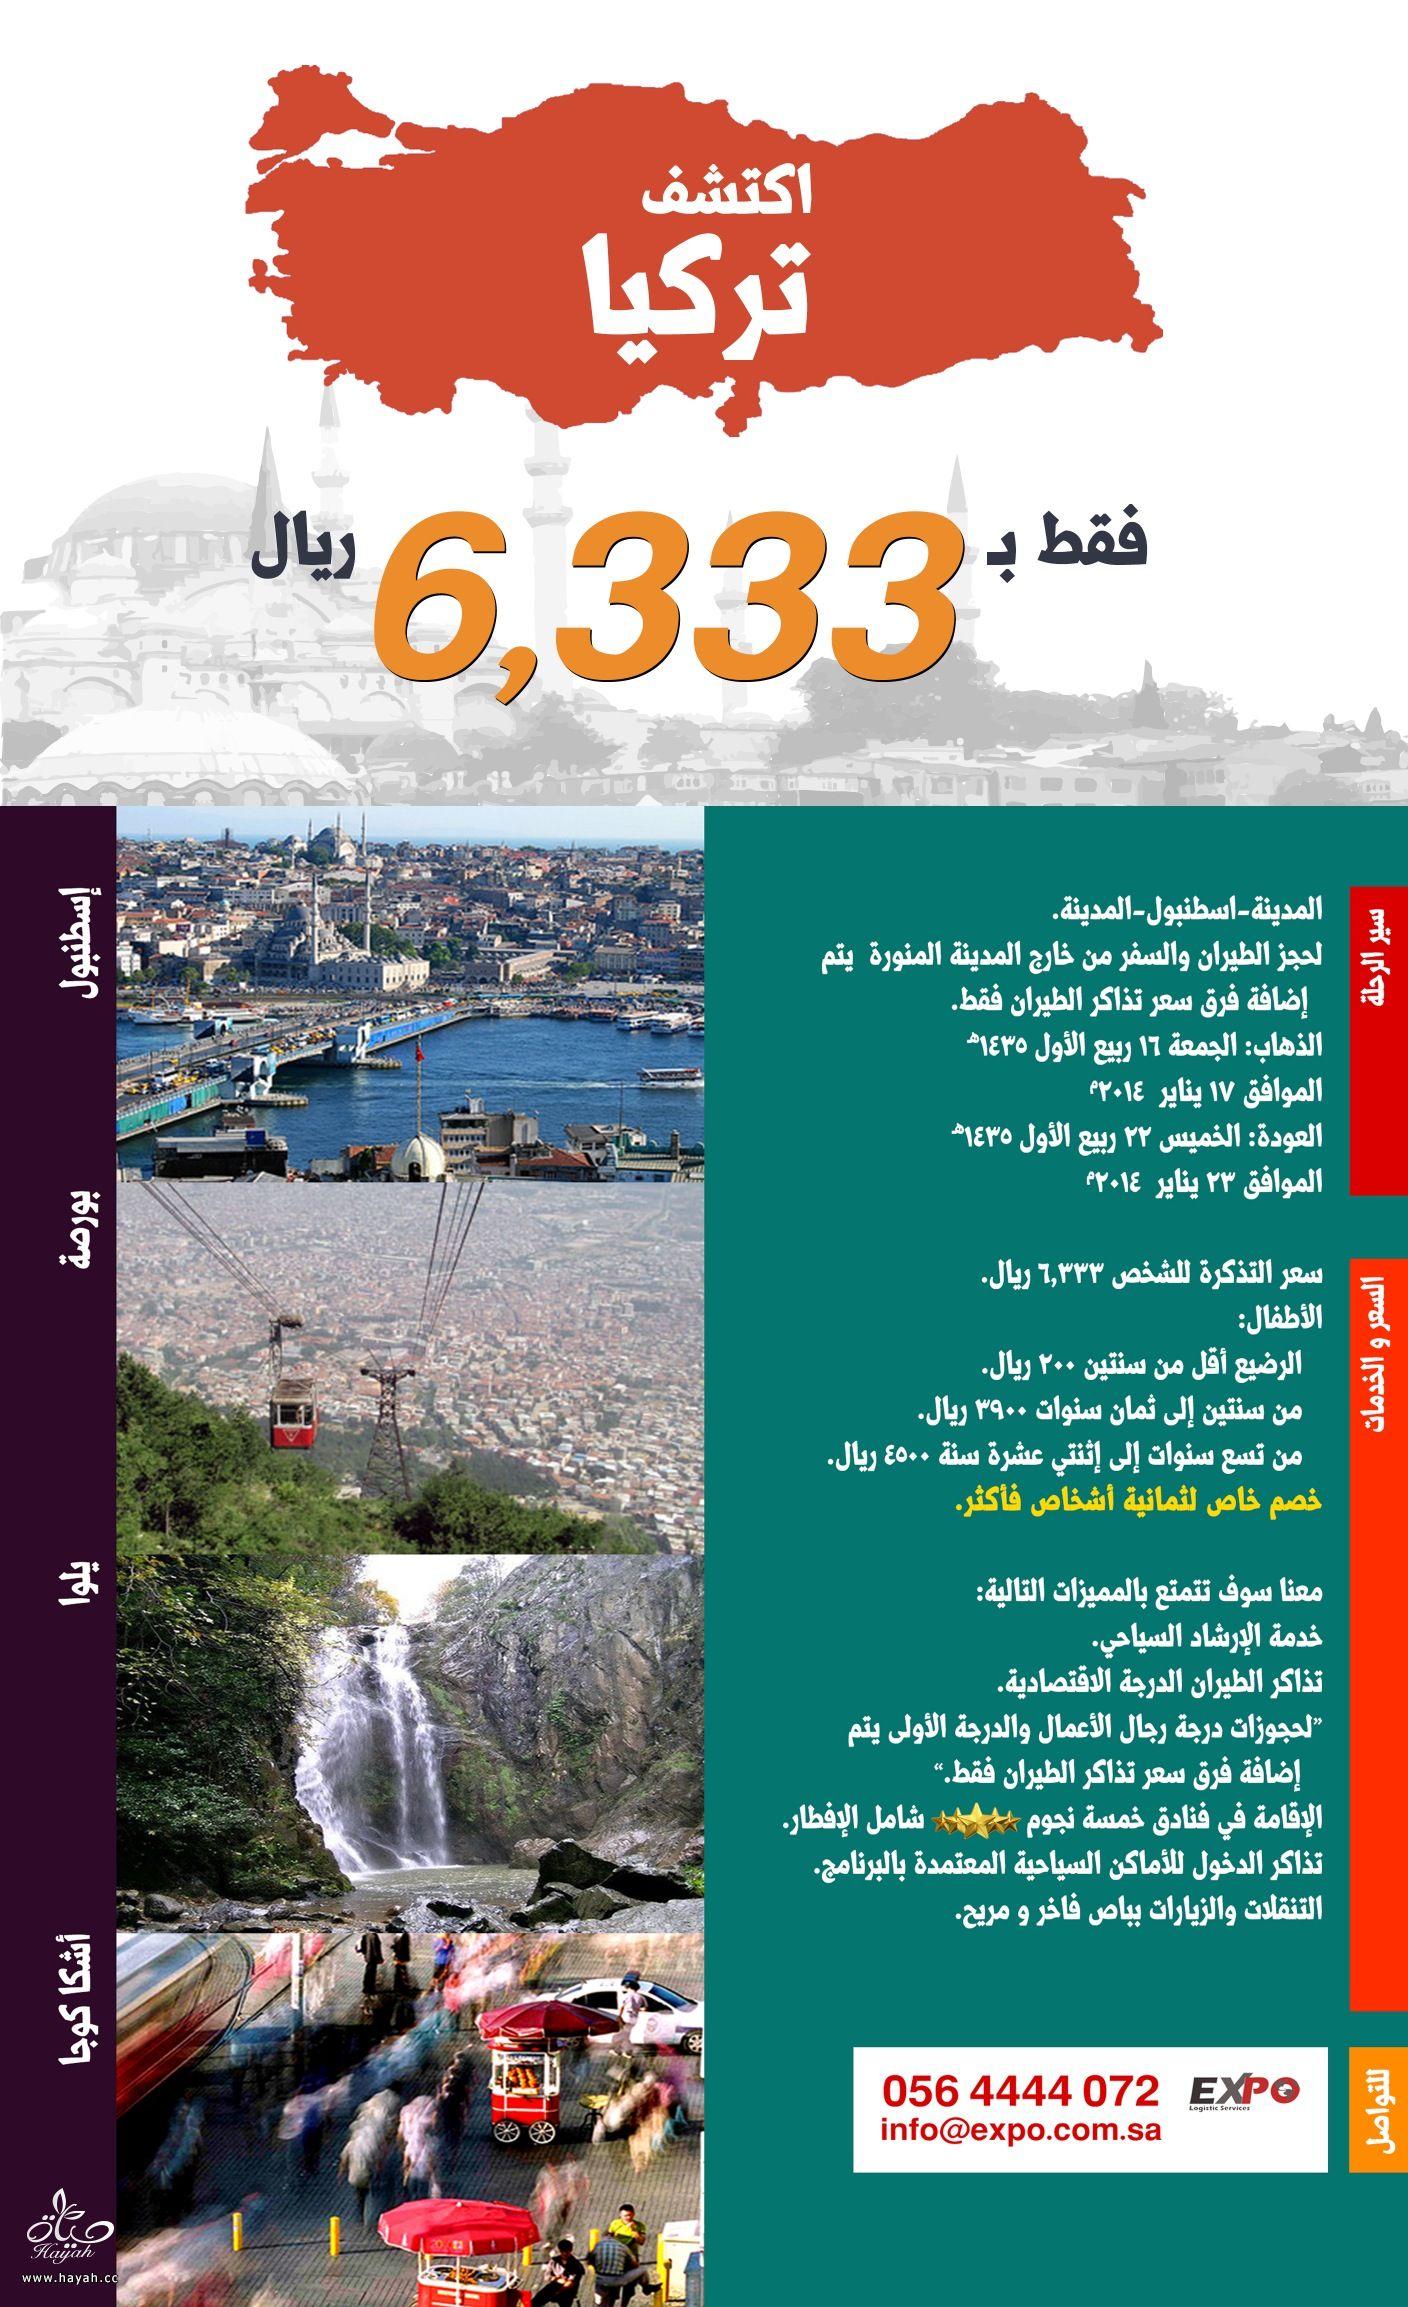 رحلة سياحية خمسة نجوم من المدينة المنورة إلى تركيا hayahcc_1383514888_721.jpeg